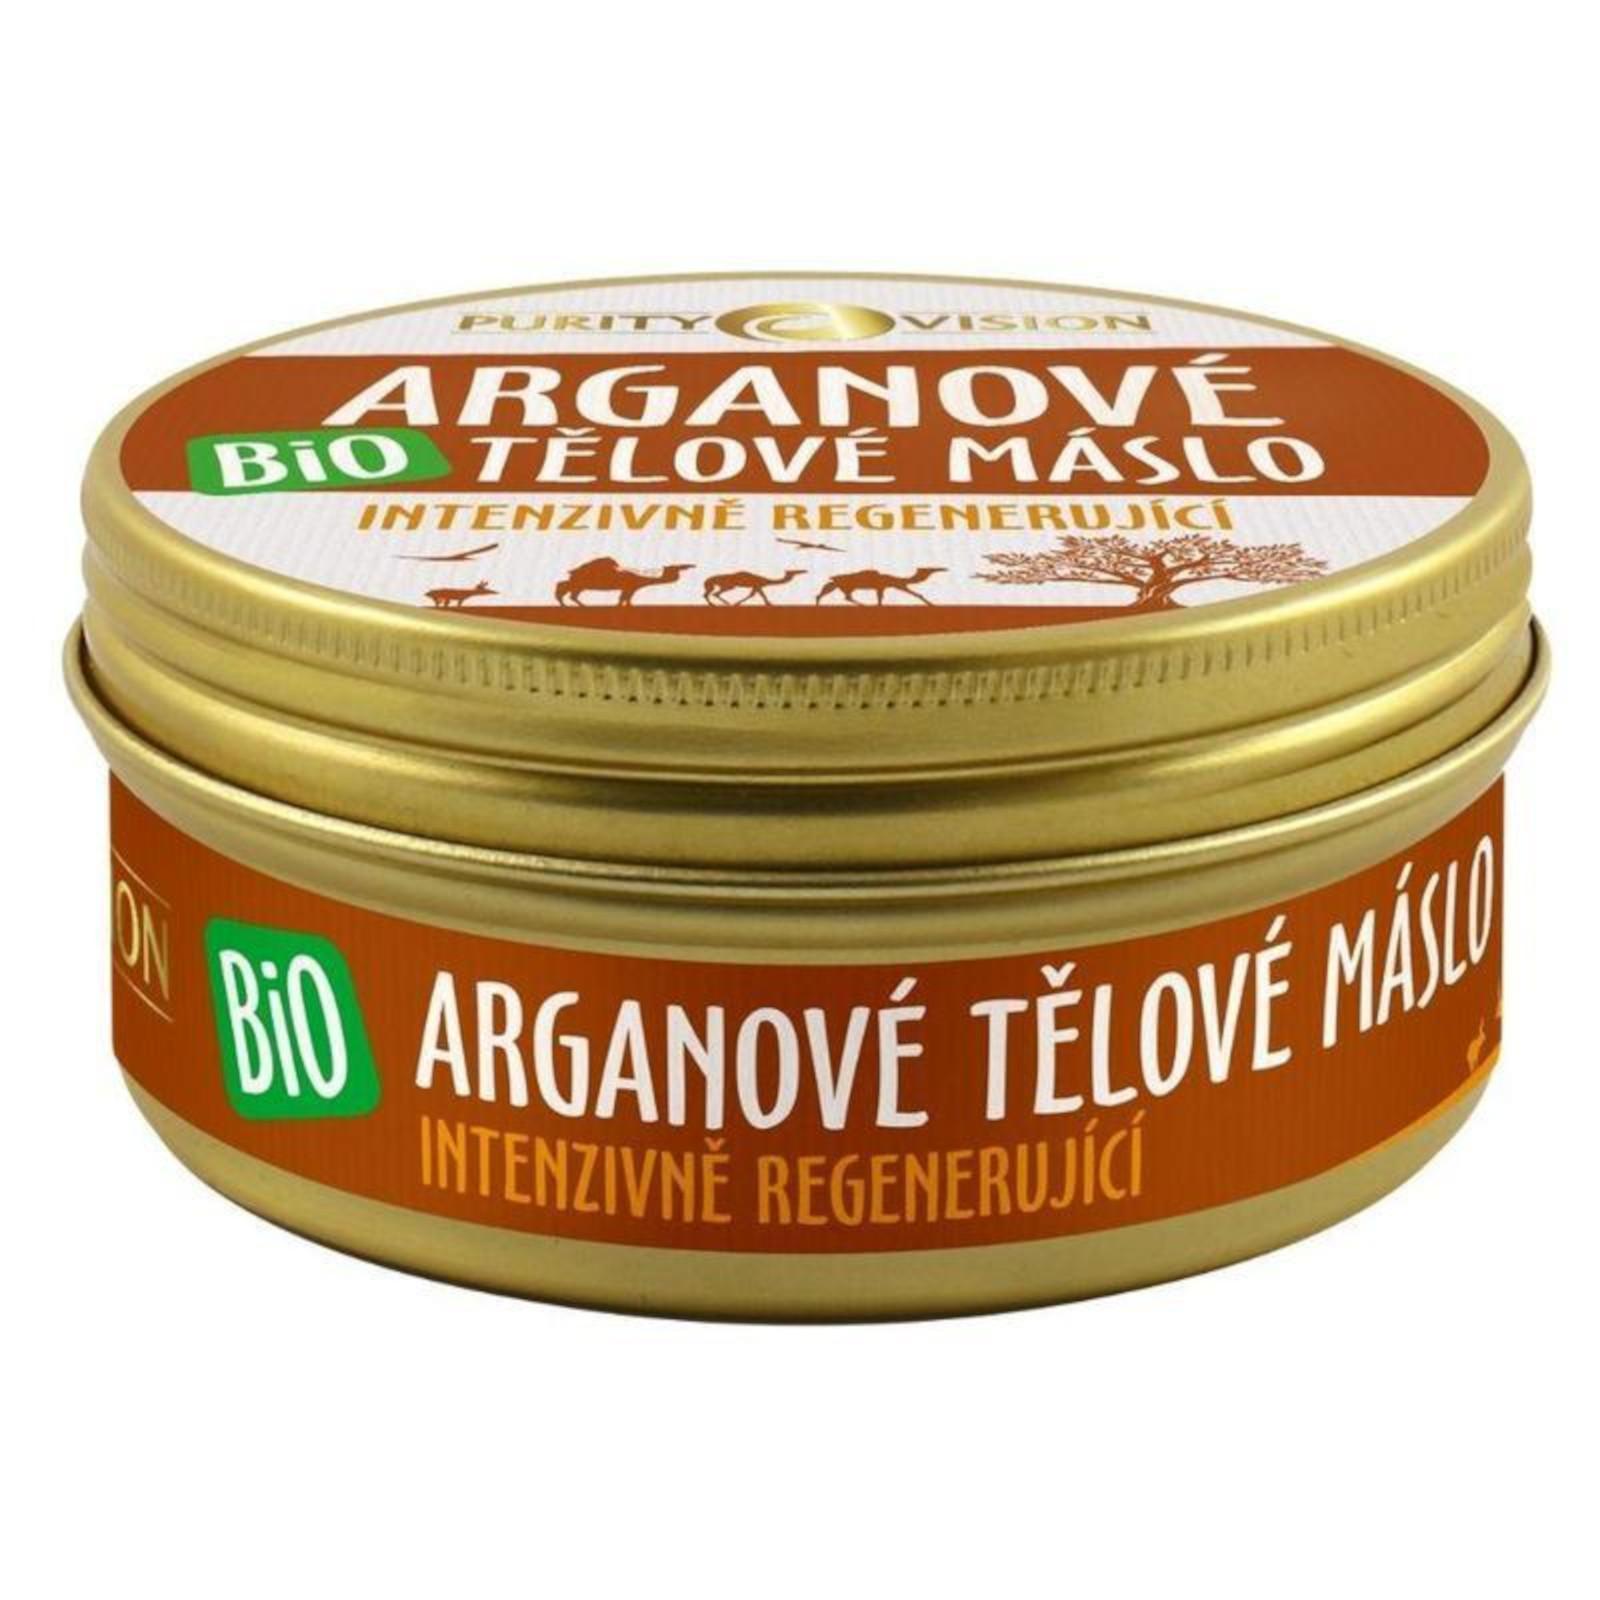 Purity Vision Tělové máslo s bio arganovým olejem 150 ml